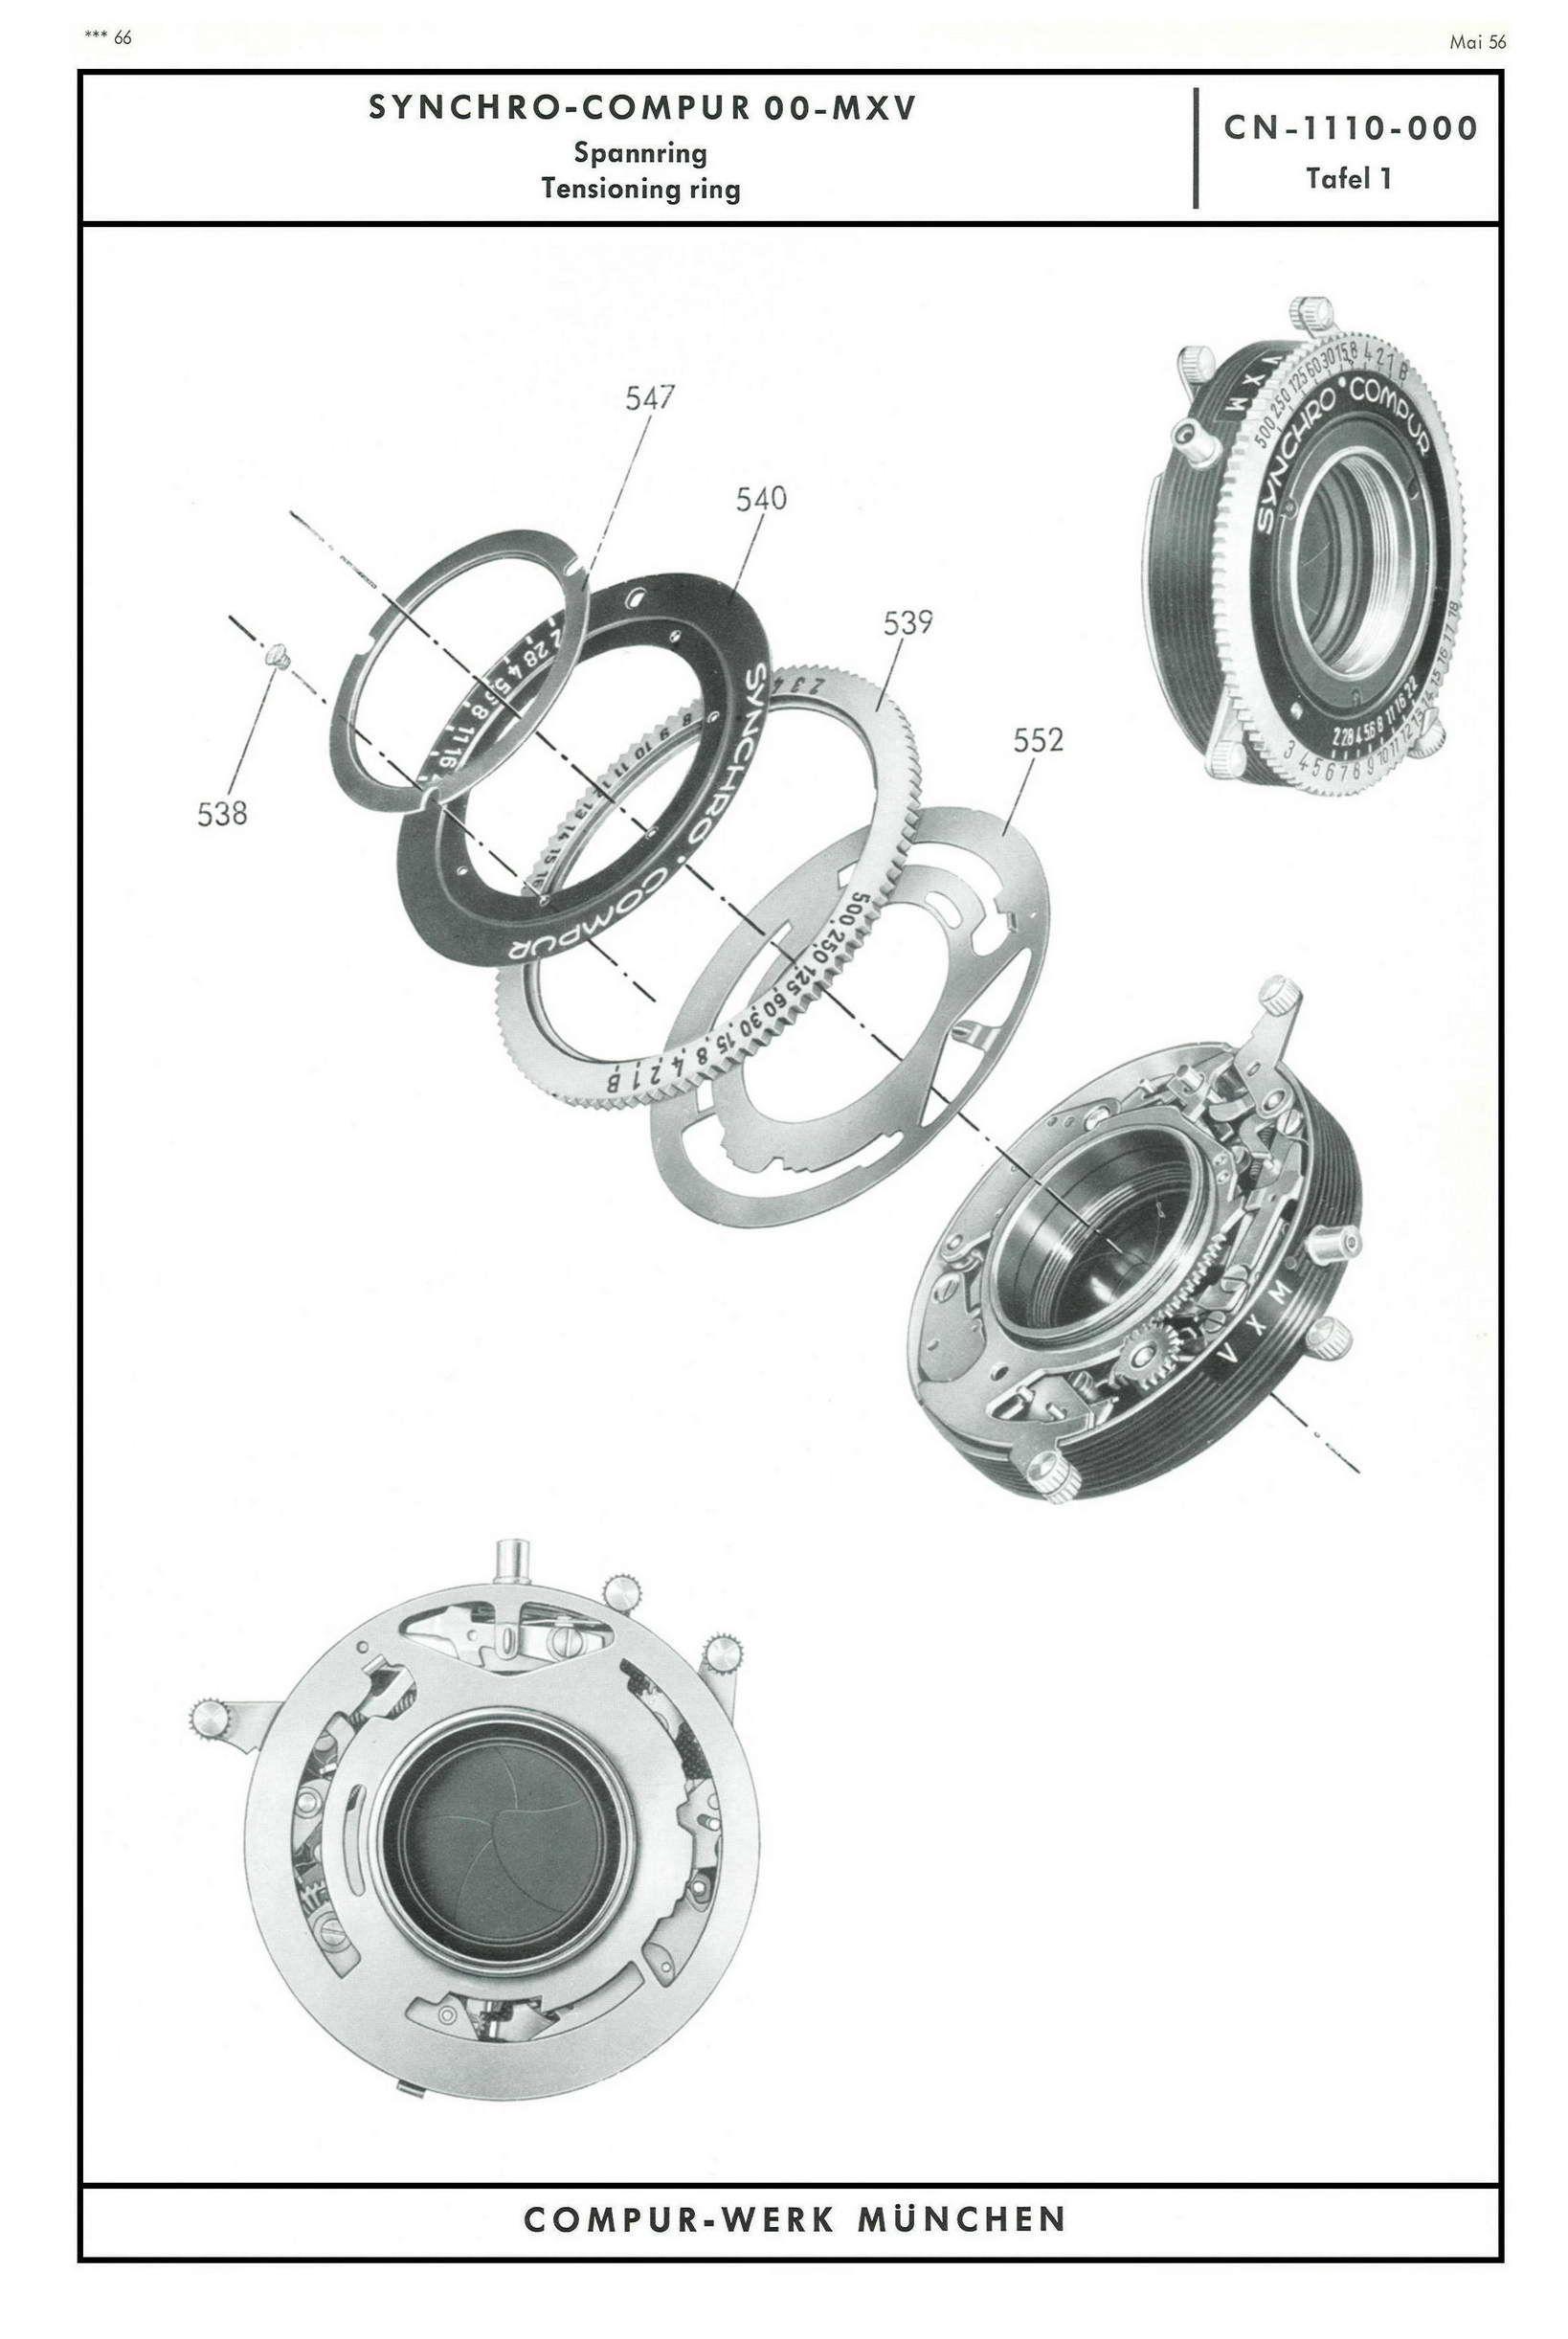 synchro compur shutter repair manual